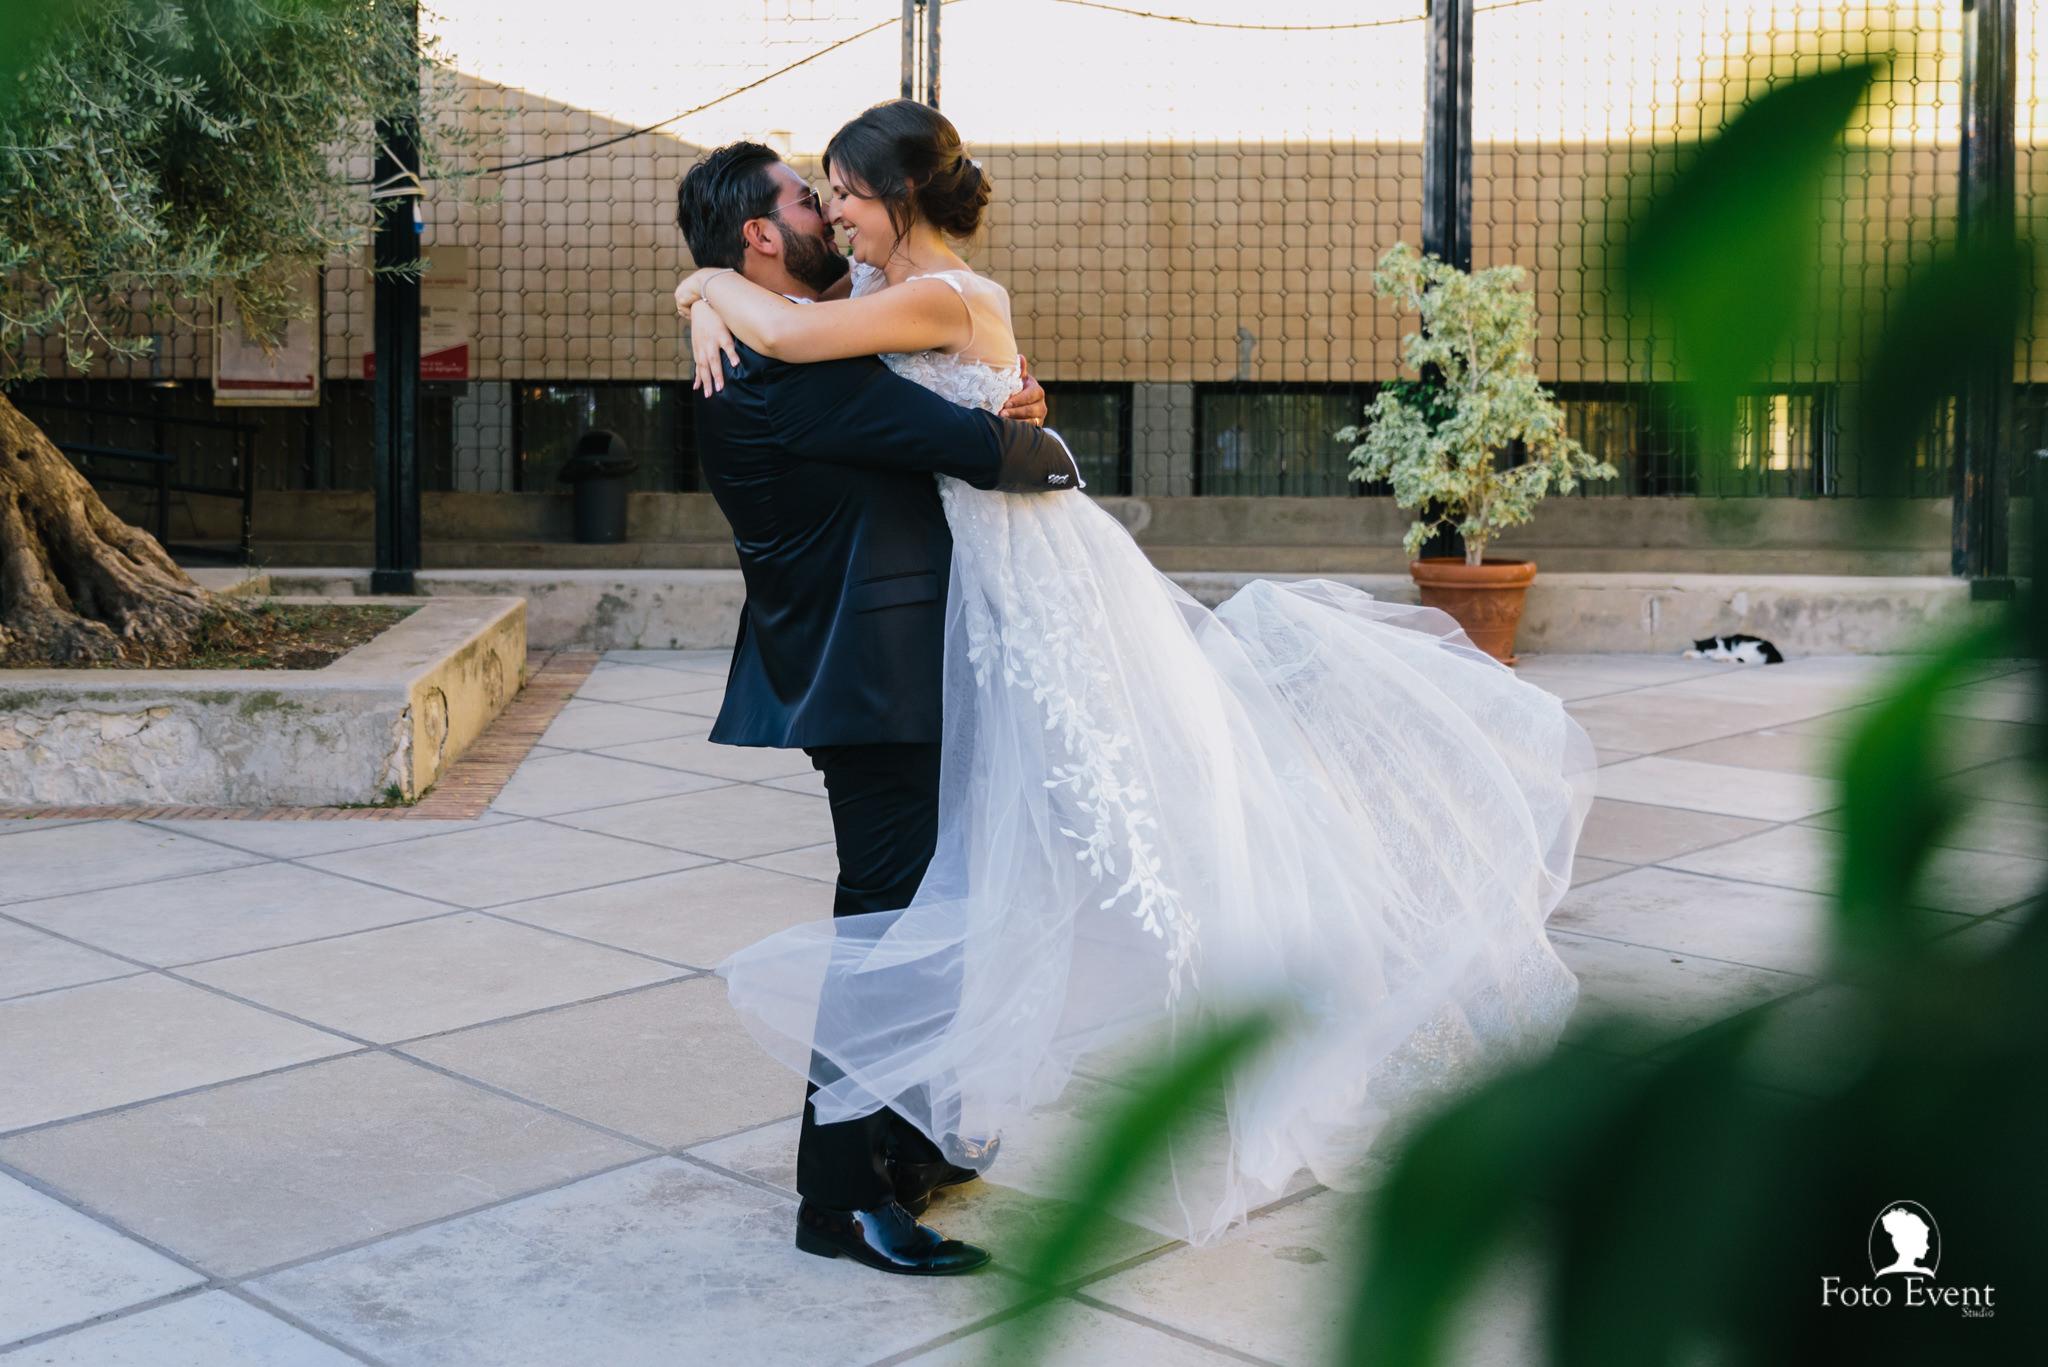 029-2019-09-09-Matrimonio-Dorotea-e-Alberto-Iemmolo-5DE-997